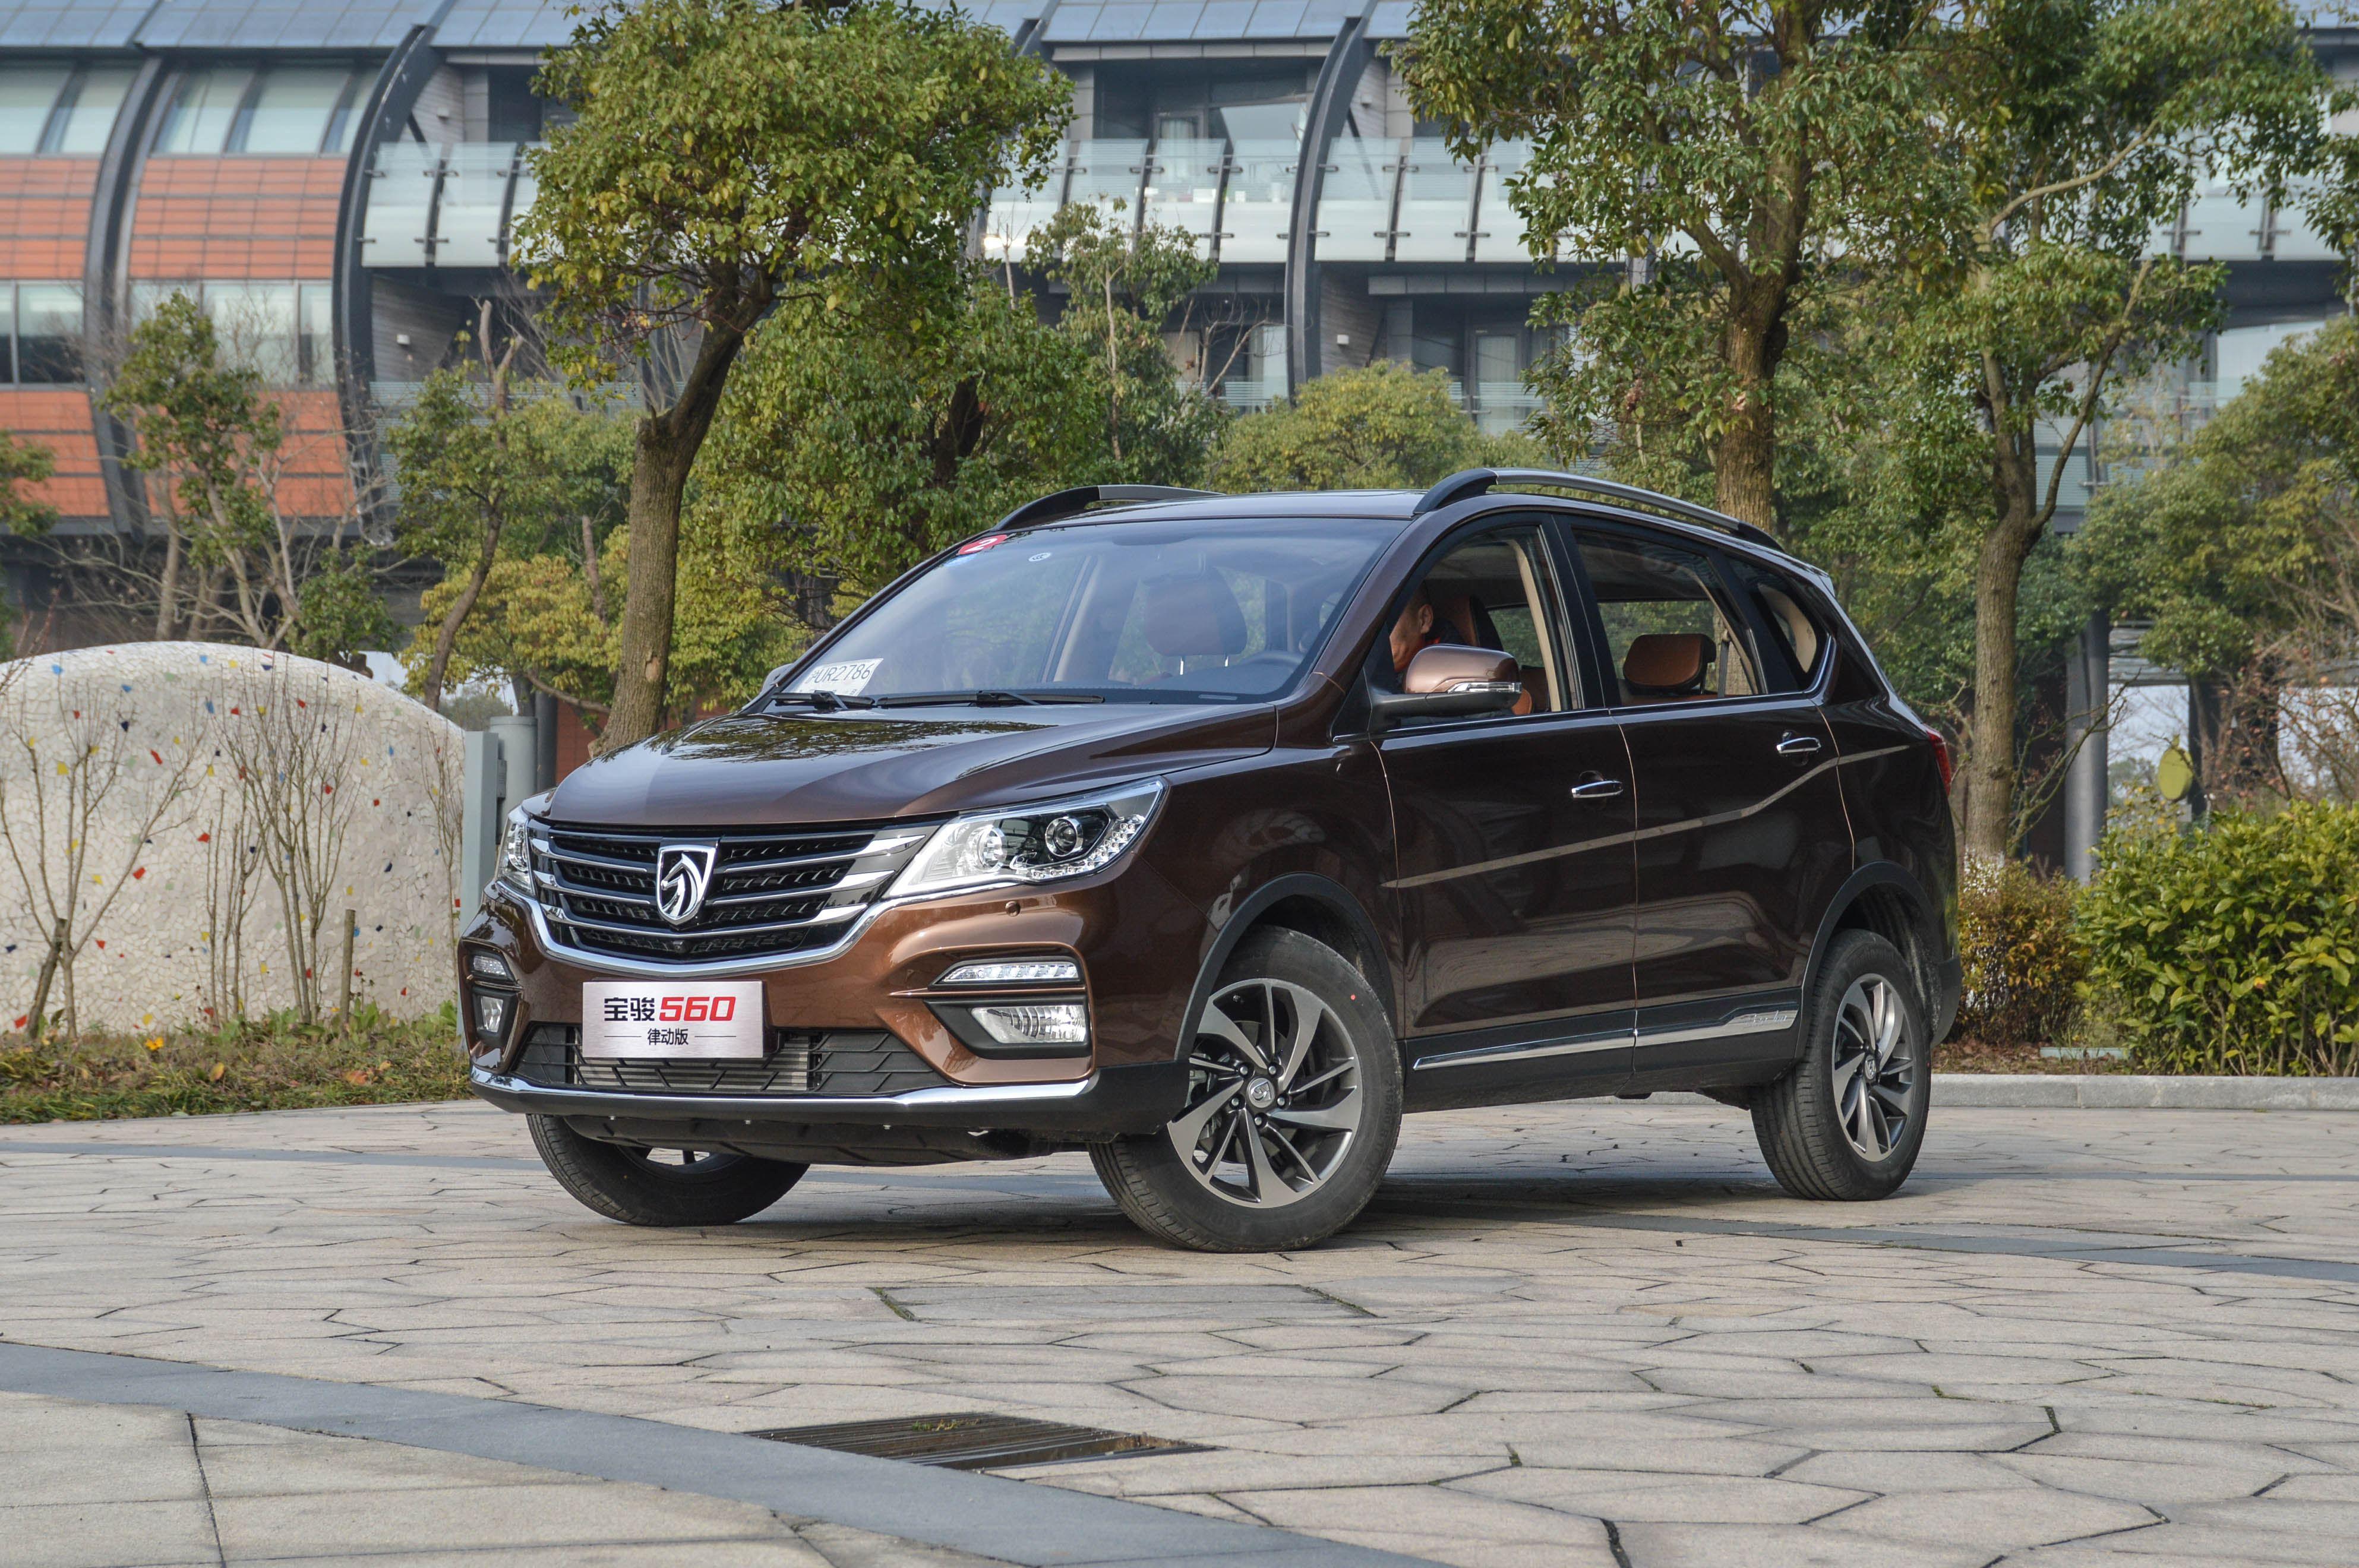 10万元紧凑型SUV推荐 ESP+涡轮的国产身份